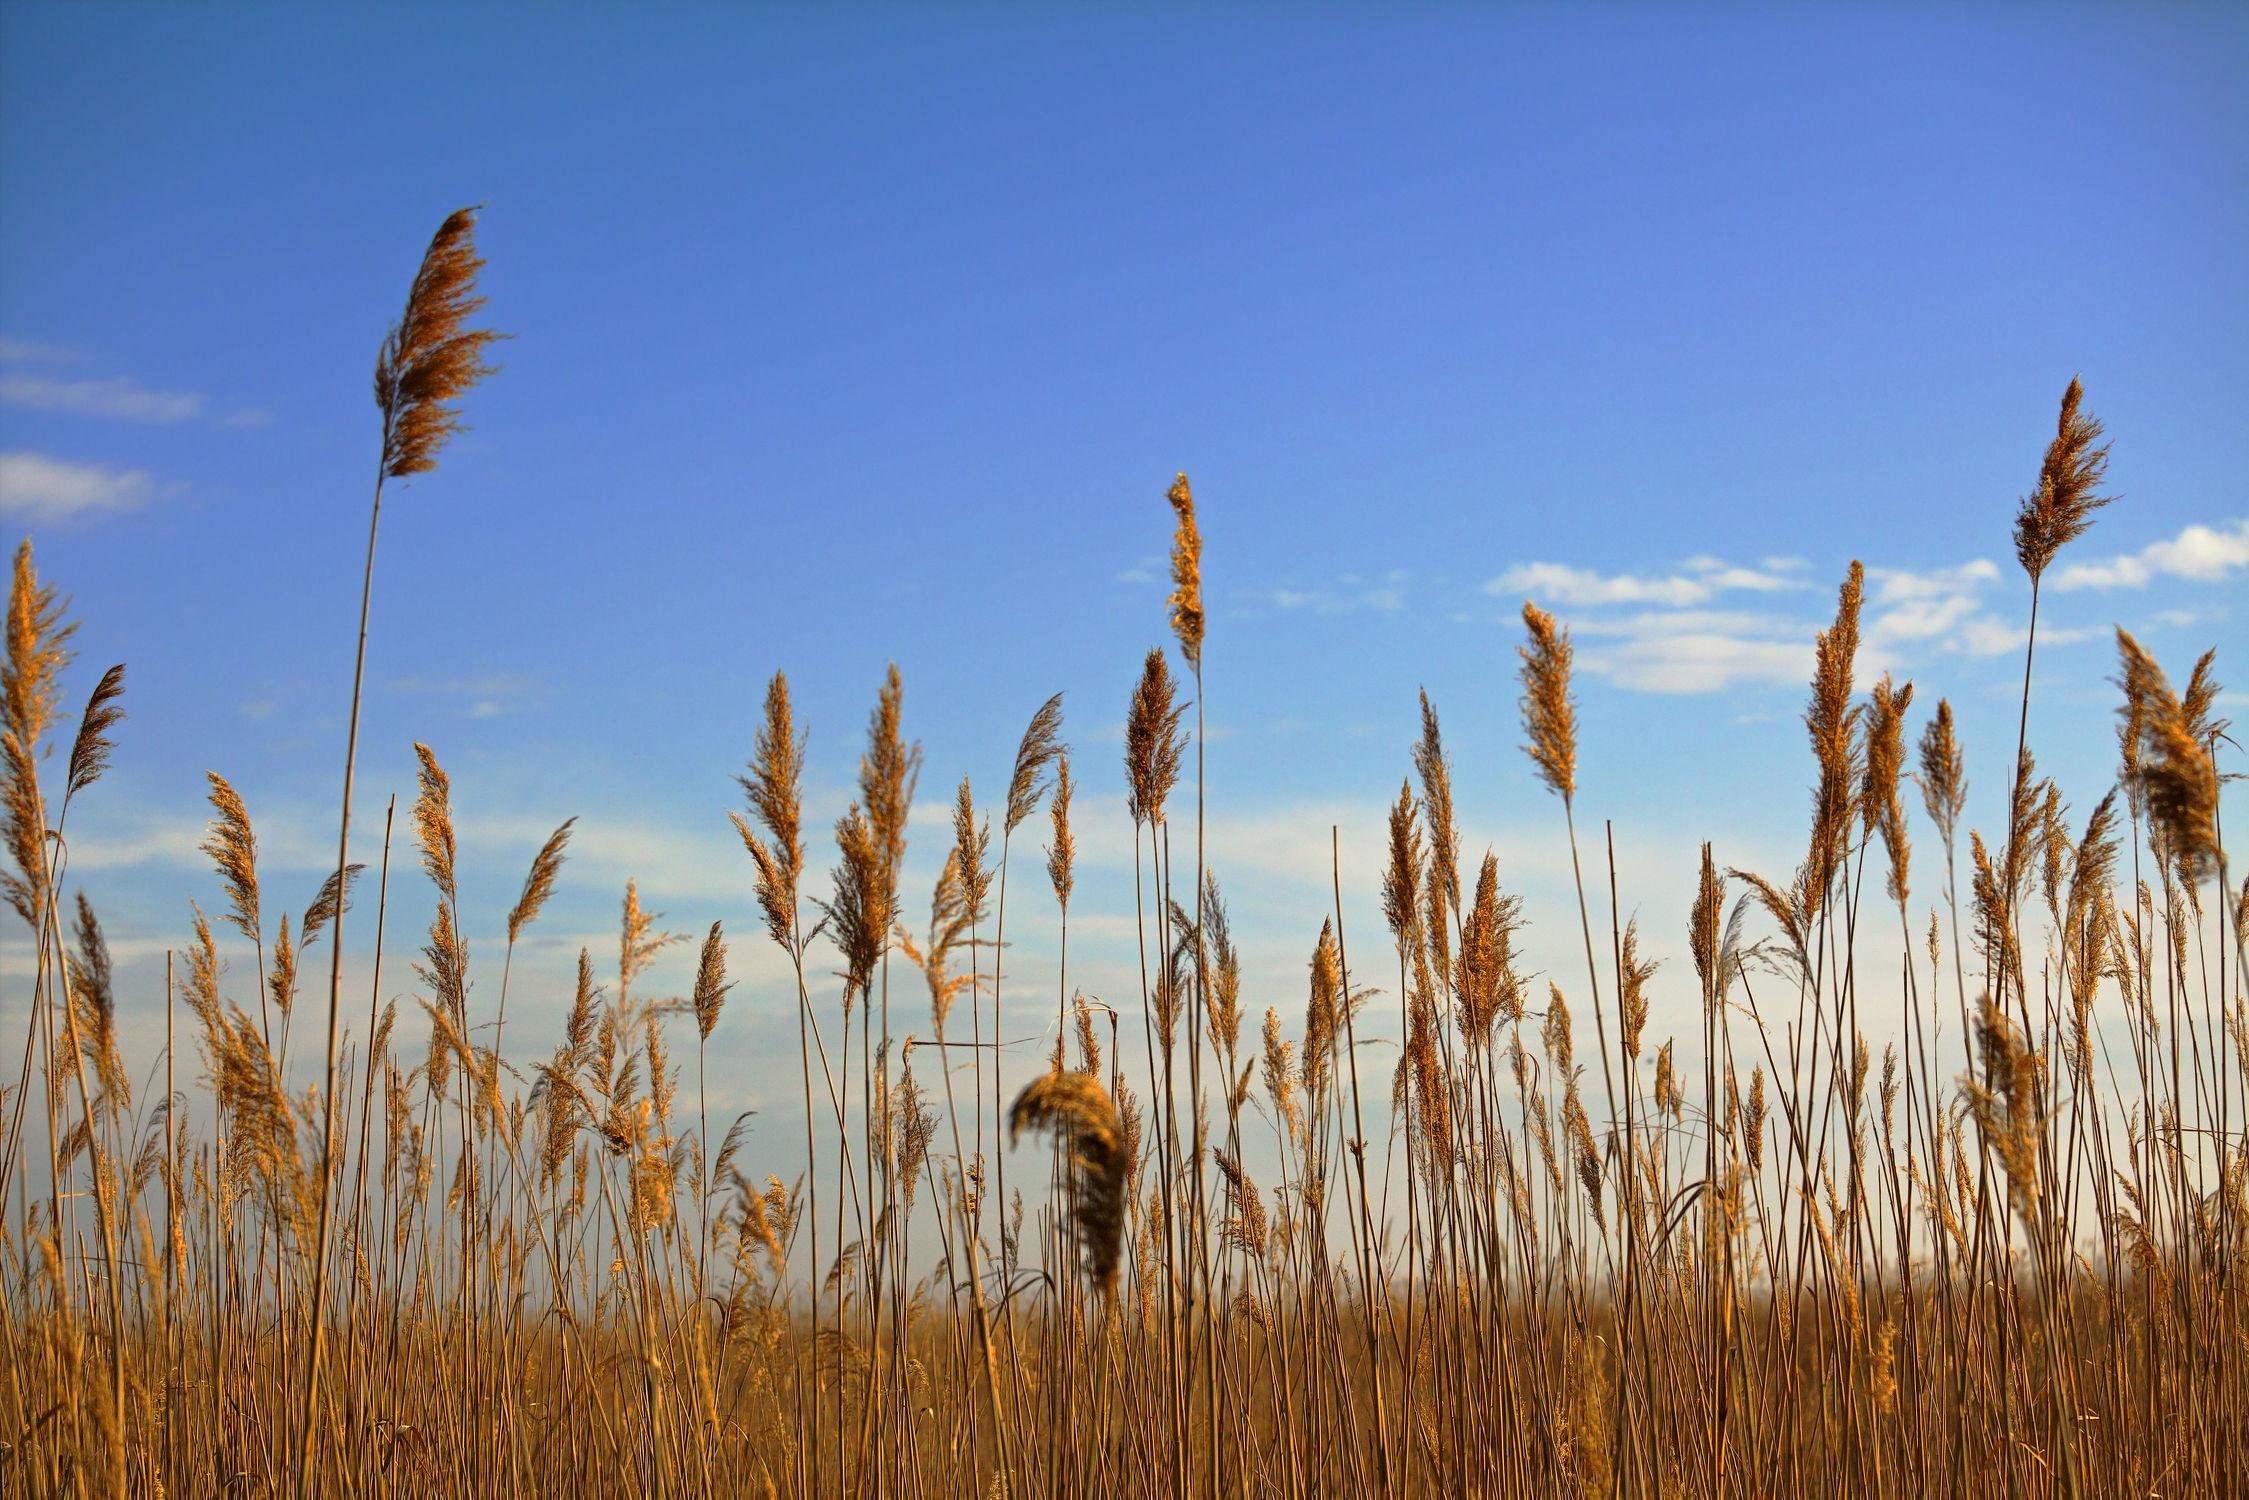 Bild mit Natur, Pflanzen, Gräser, Schilf, Pflanze, Nature, Gras, Feld, Felder, Weide, Weiden, hafer